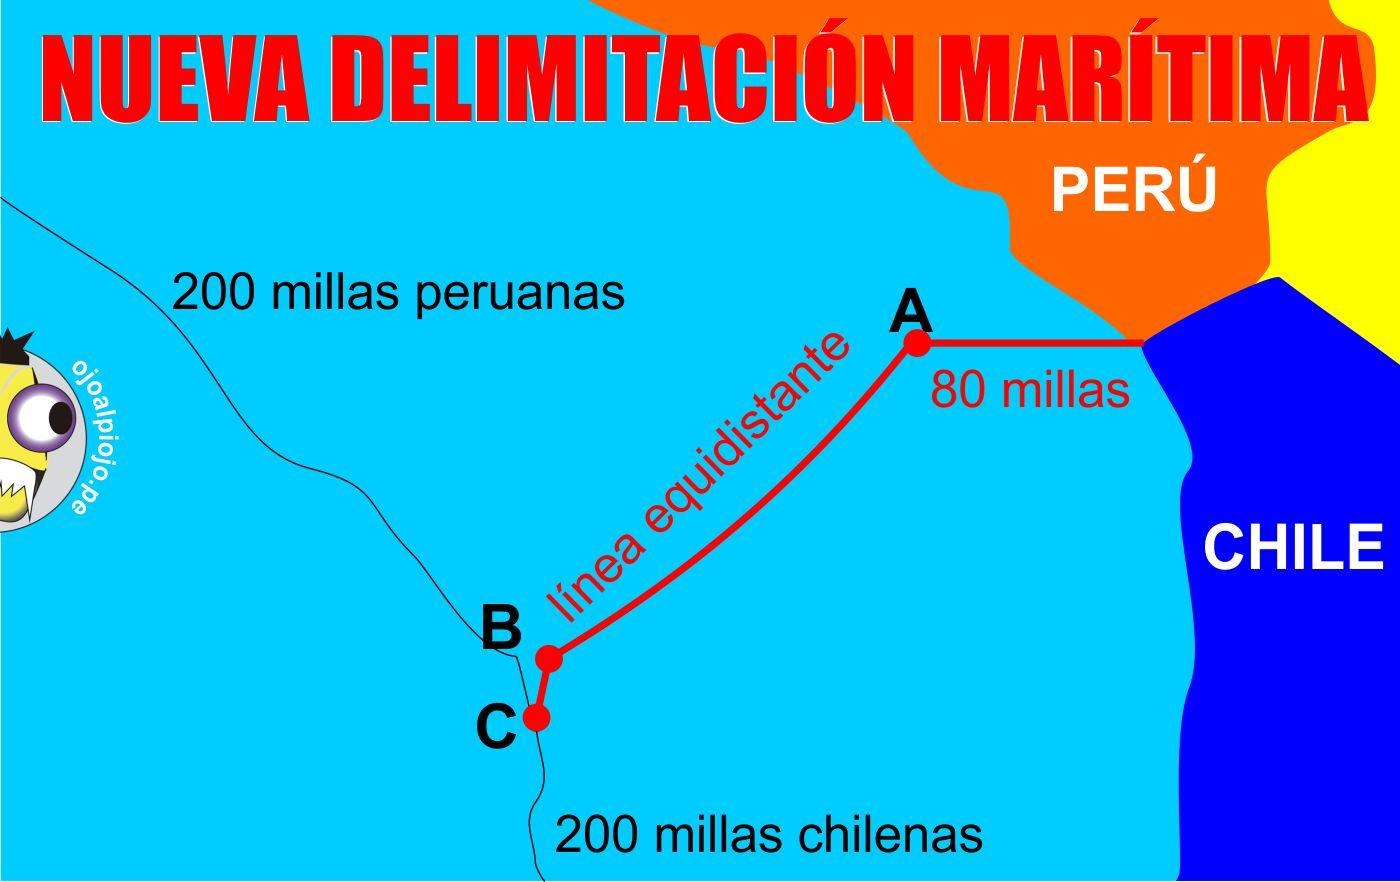 Ojo al Piojo - Nueva delimitación marítima